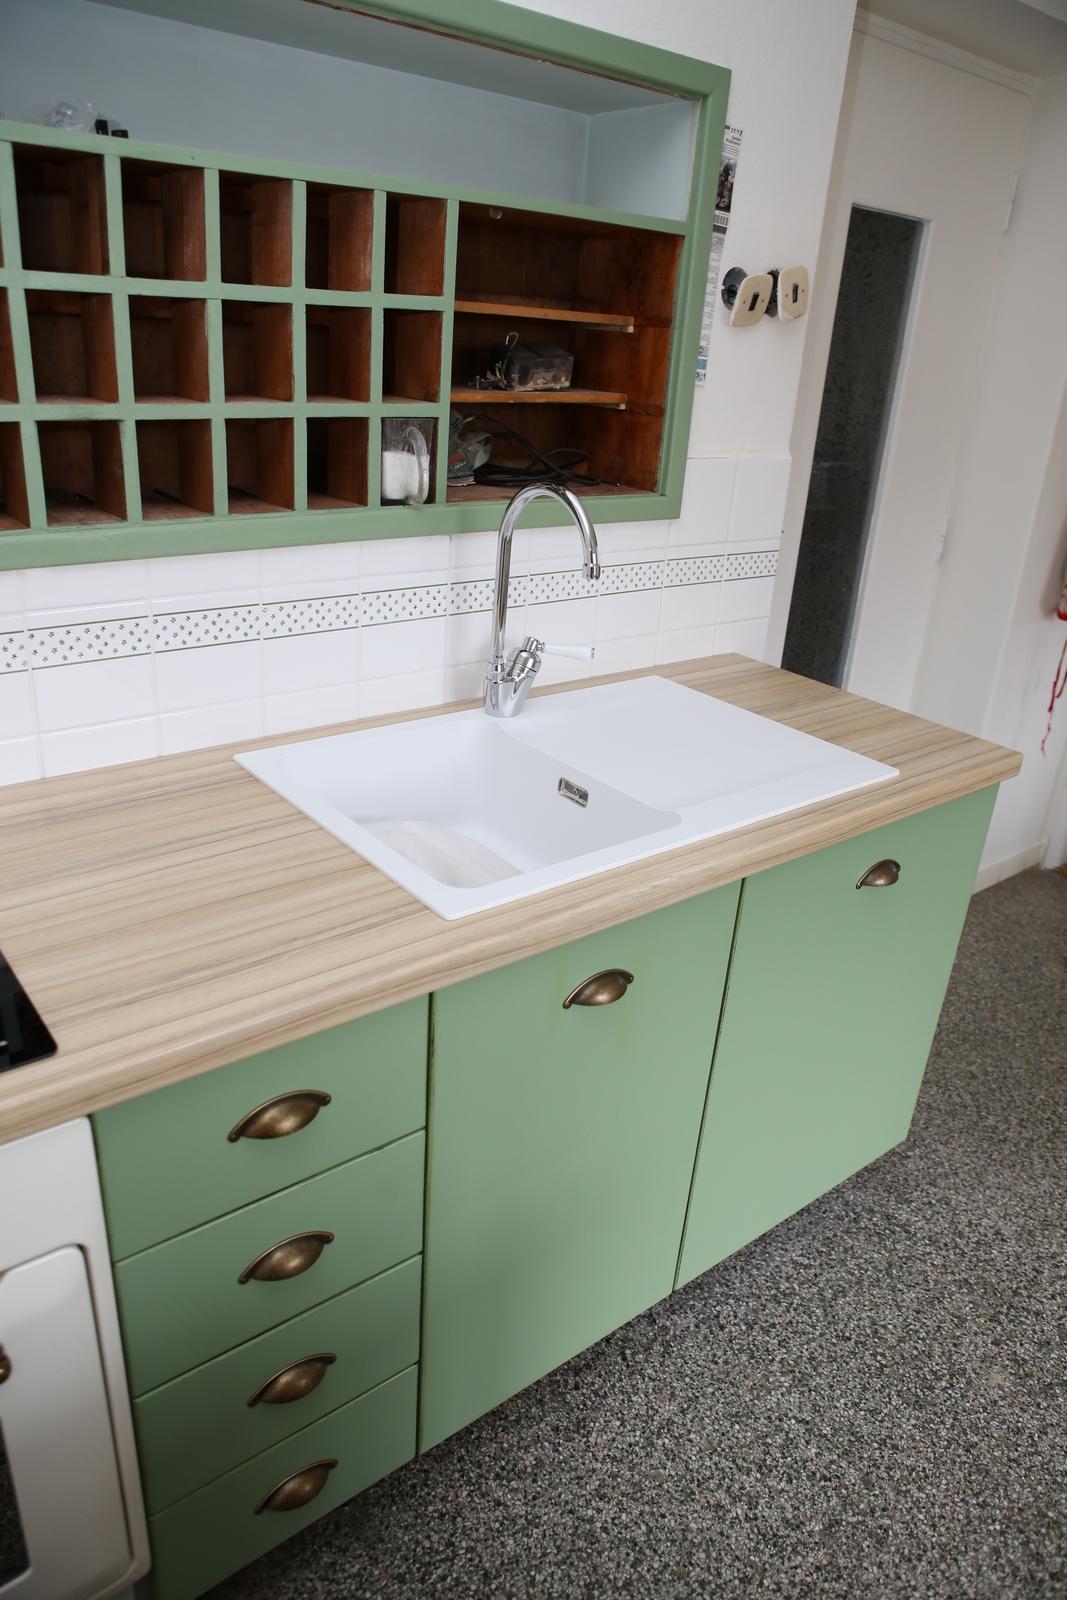 Modernizujeme kuchyňku - Obrázek č. 81